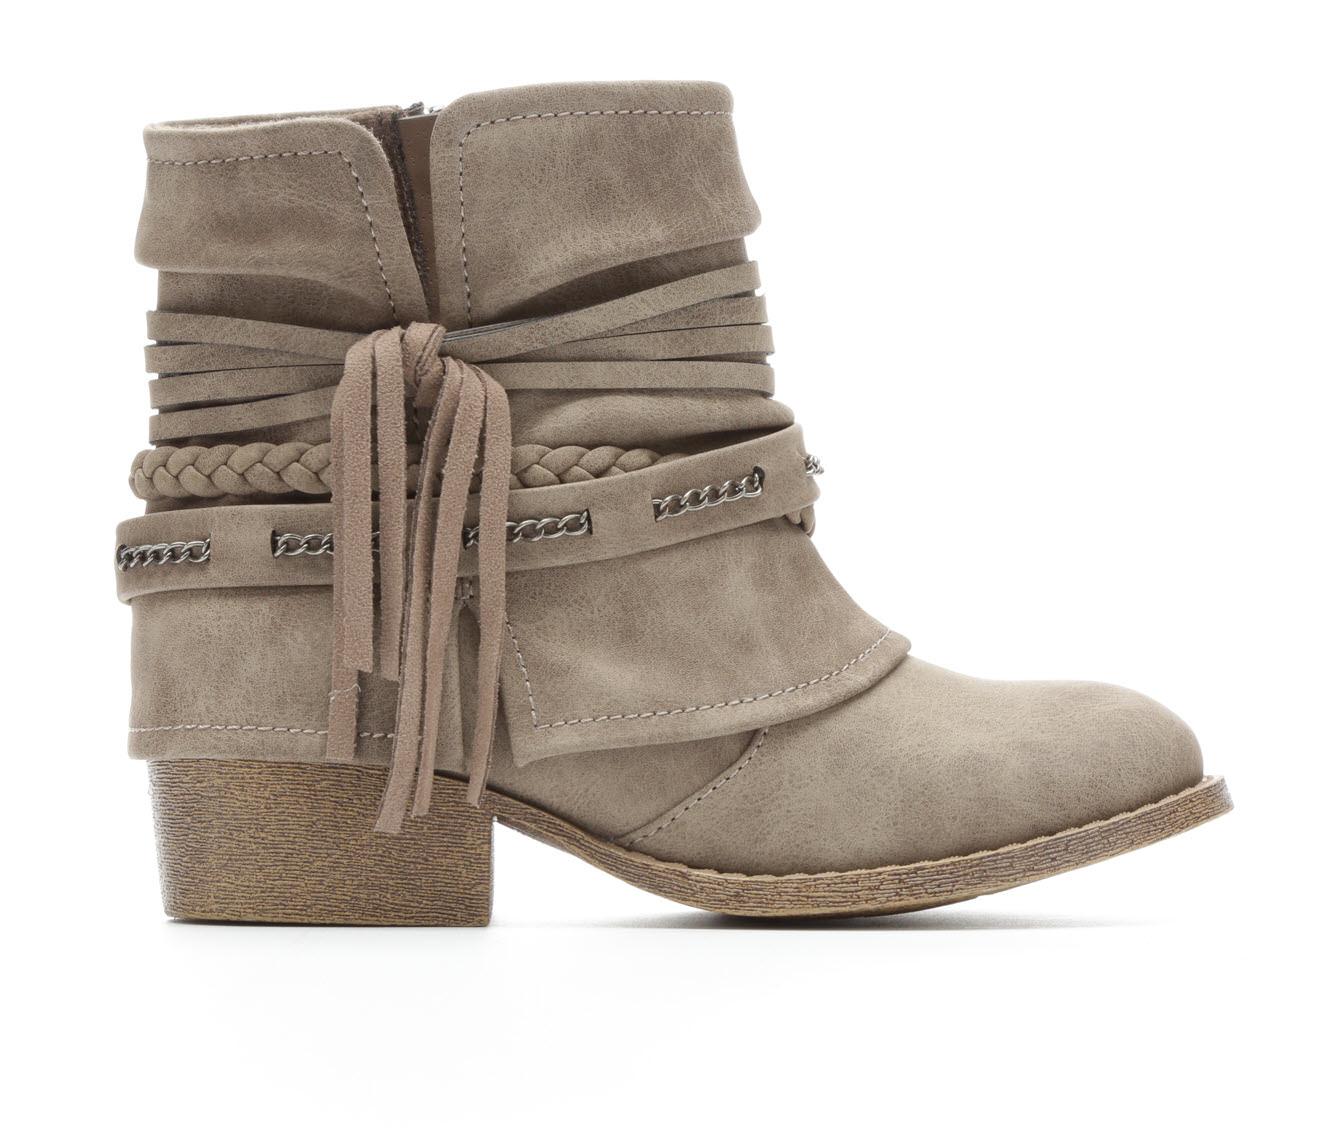 Girls' Jellypop Nolita Boots (Beige)